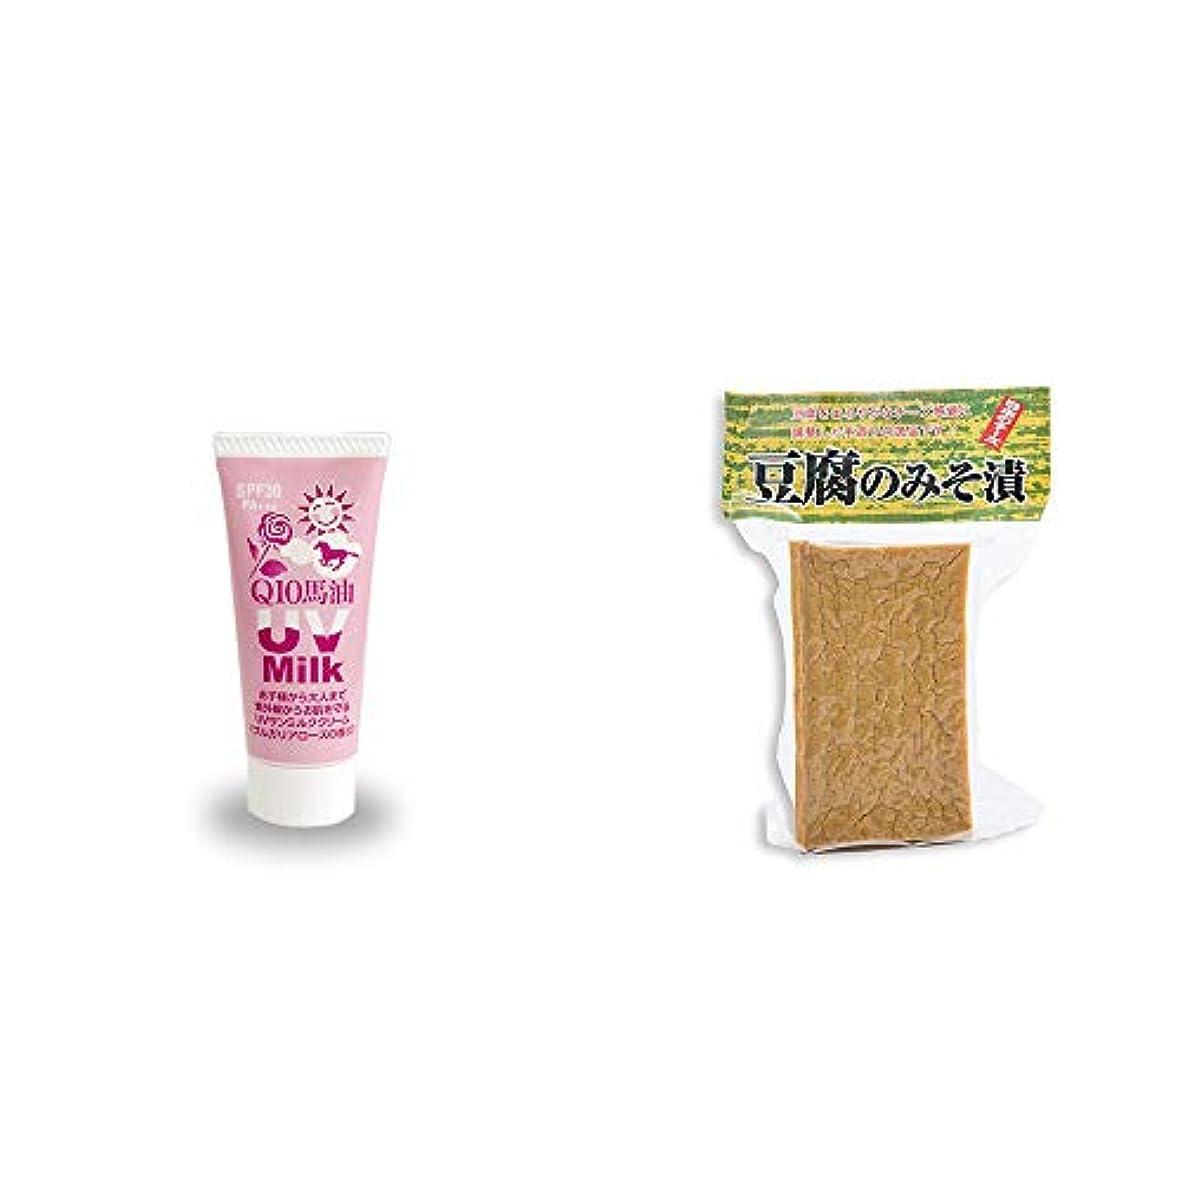 可能正確な委任[2点セット] 炭黒泉 Q10馬油 UVサンミルク[ブルガリアローズ](40g)?日本のチーズ 豆腐のみそ漬(1個入)